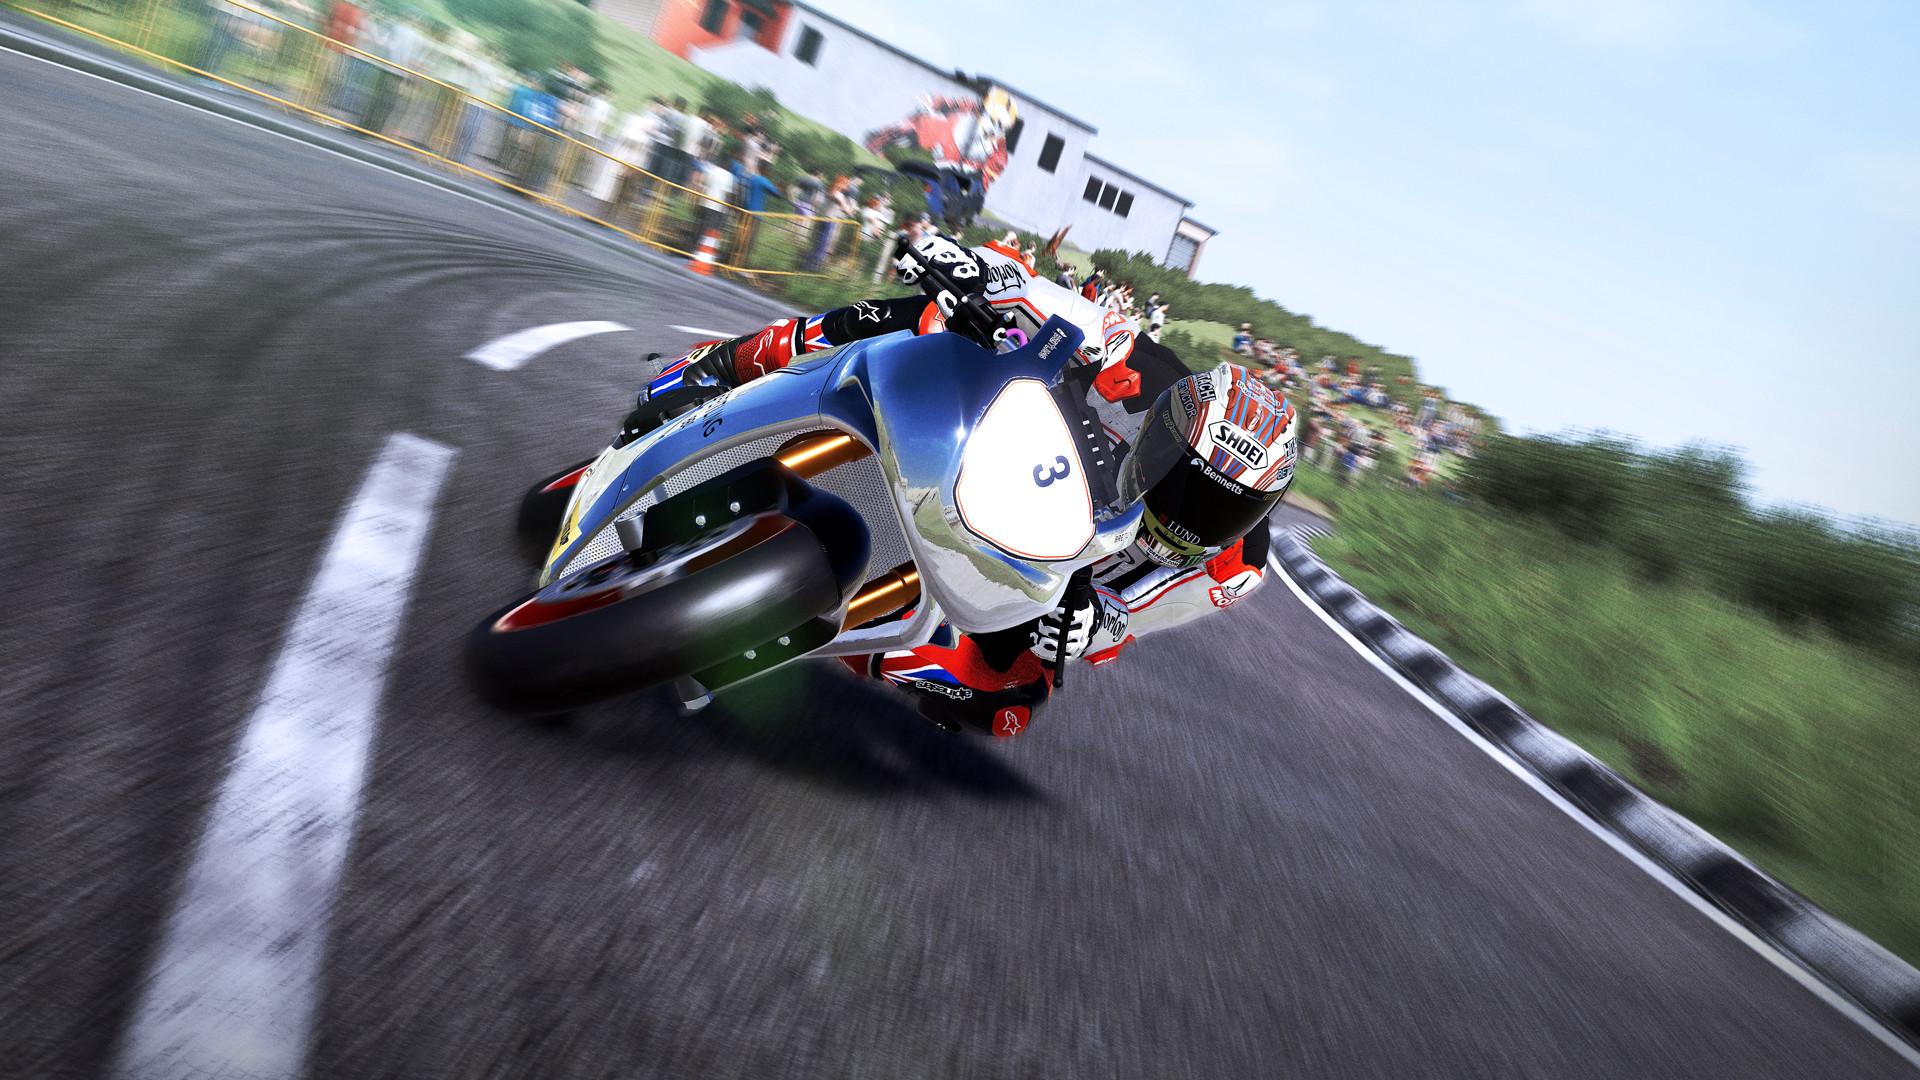 曼岛TT模特车大赛:边缘竞速2/TT Isle of Man Ride on the Edge 2-特务兔